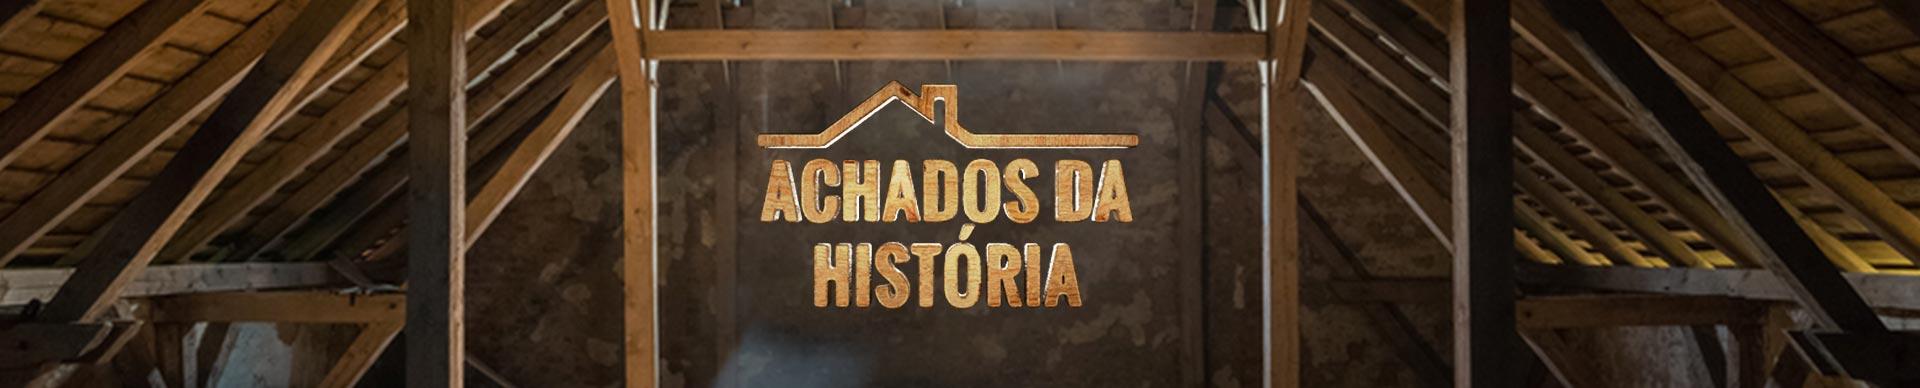 ACHADOS DA HISTÓRIA